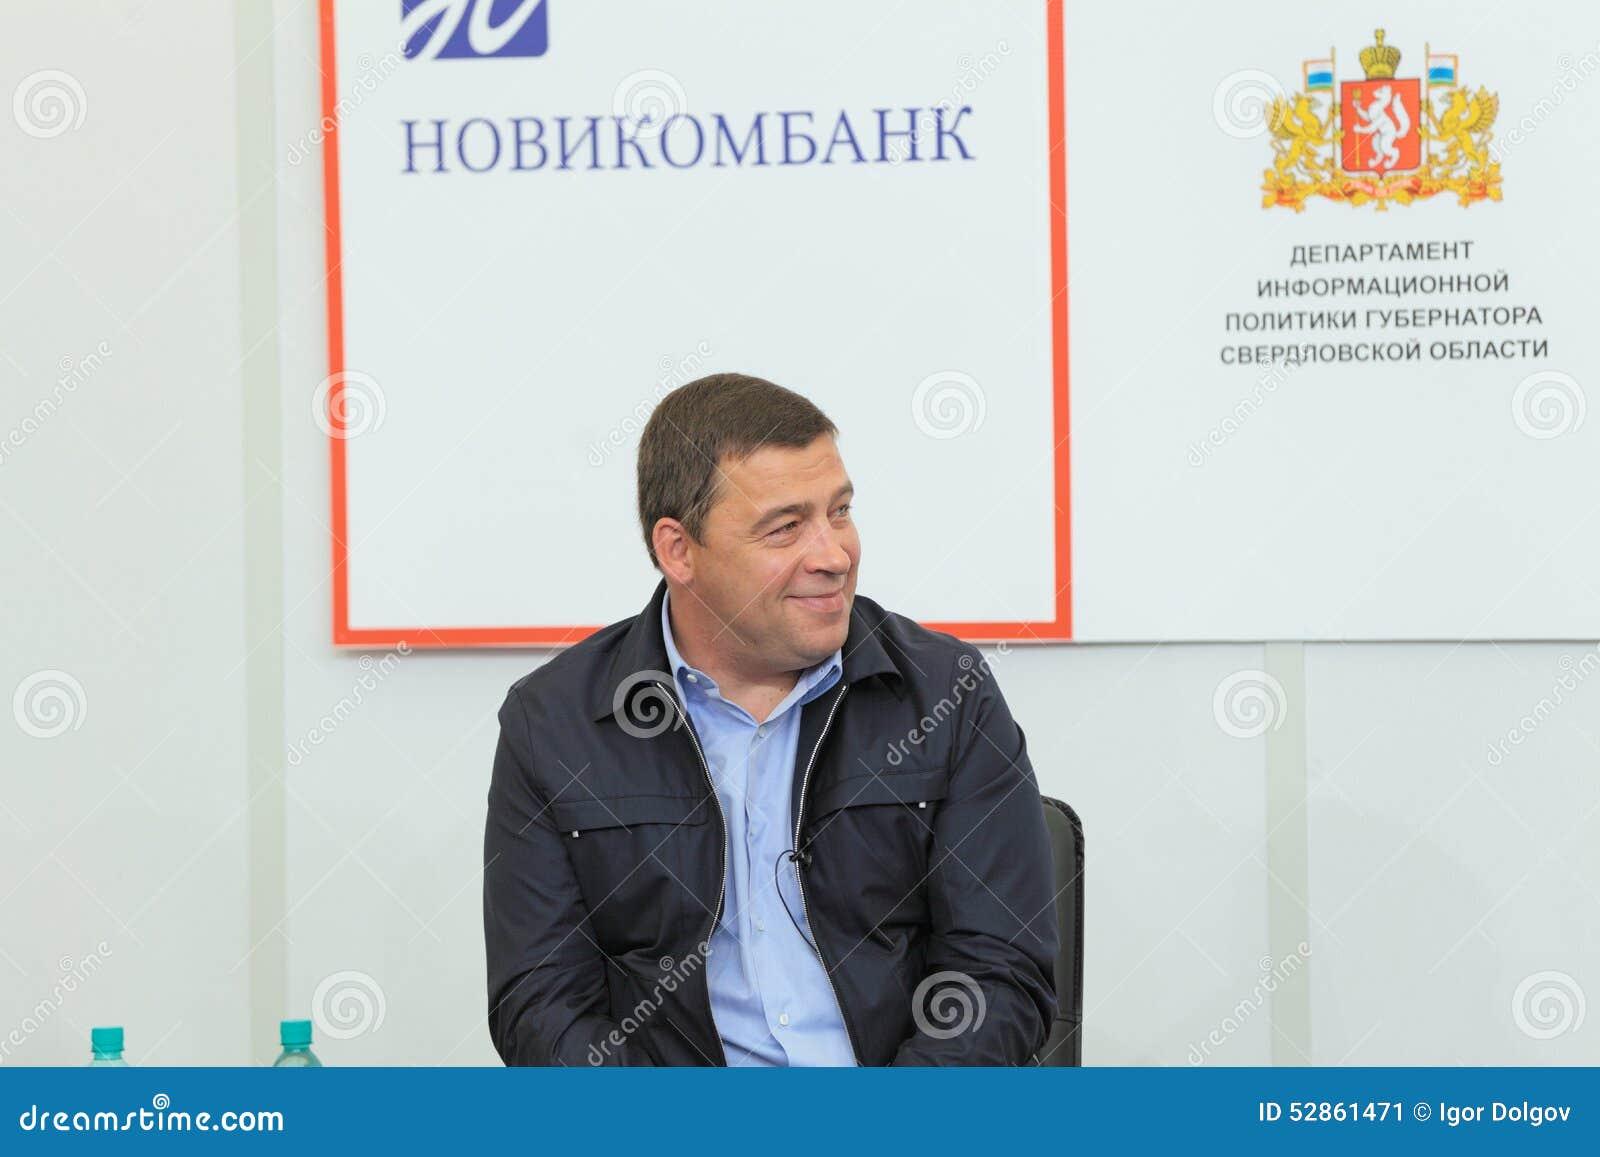 Evgeny Kuyvashev today 52